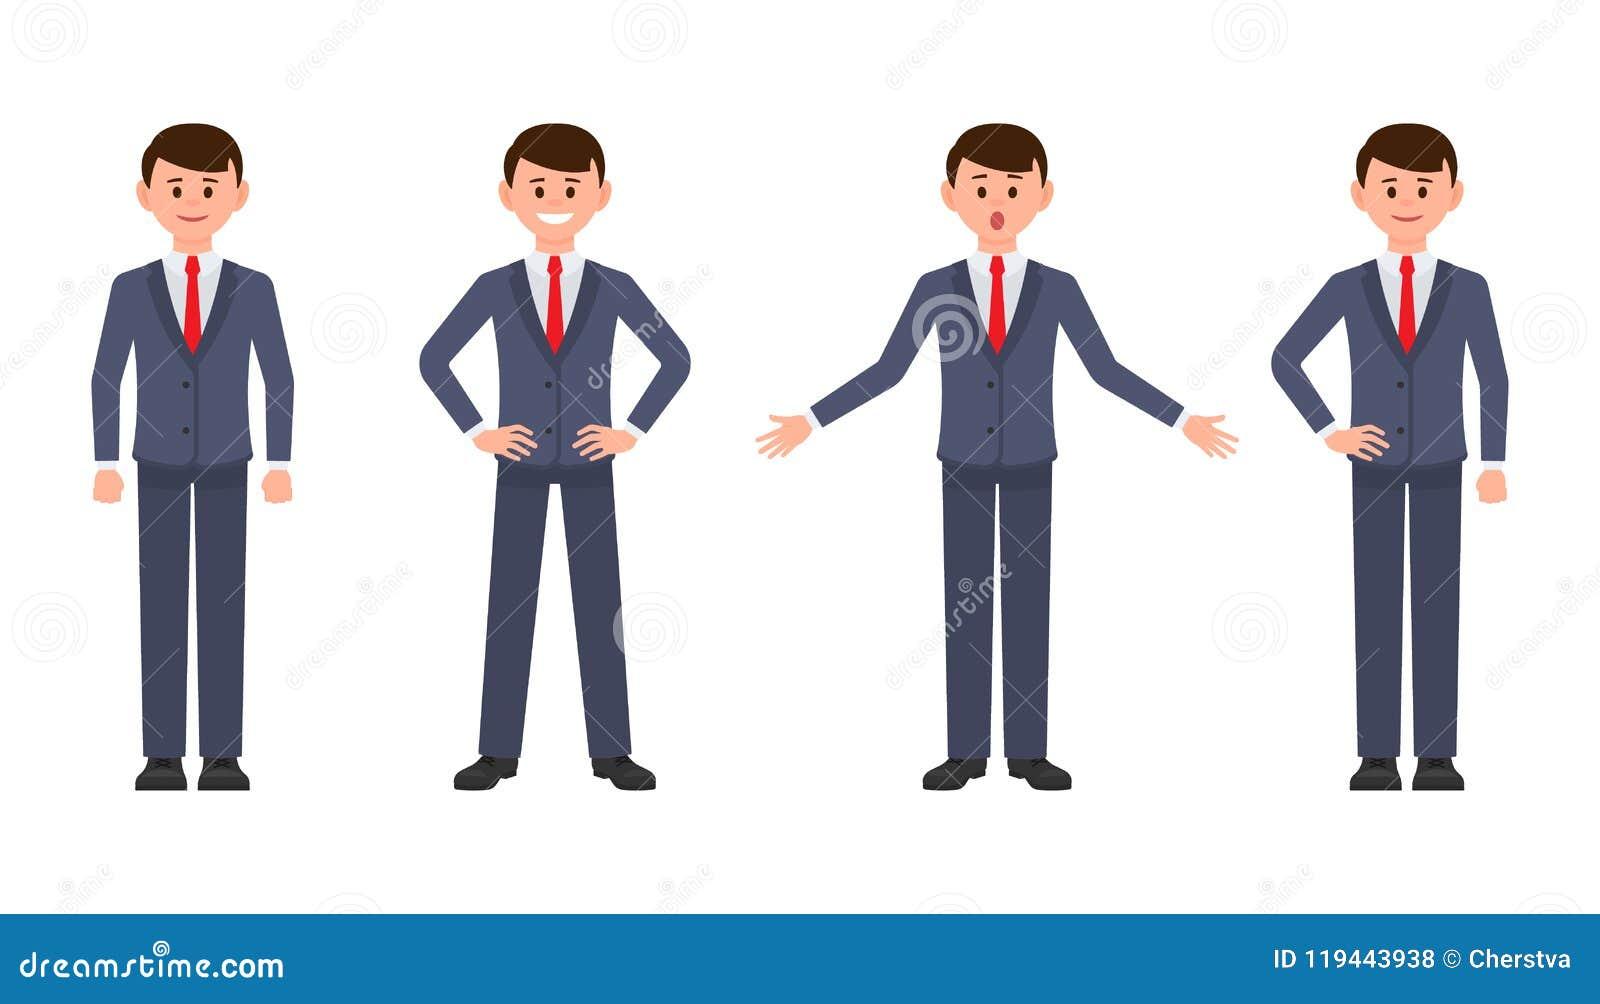 Młody biznesmen w zmroku - błękitny kostiumu postać z kreskówki Wektorowa ilustracja mądrze męski urzędnik w różnych pozach